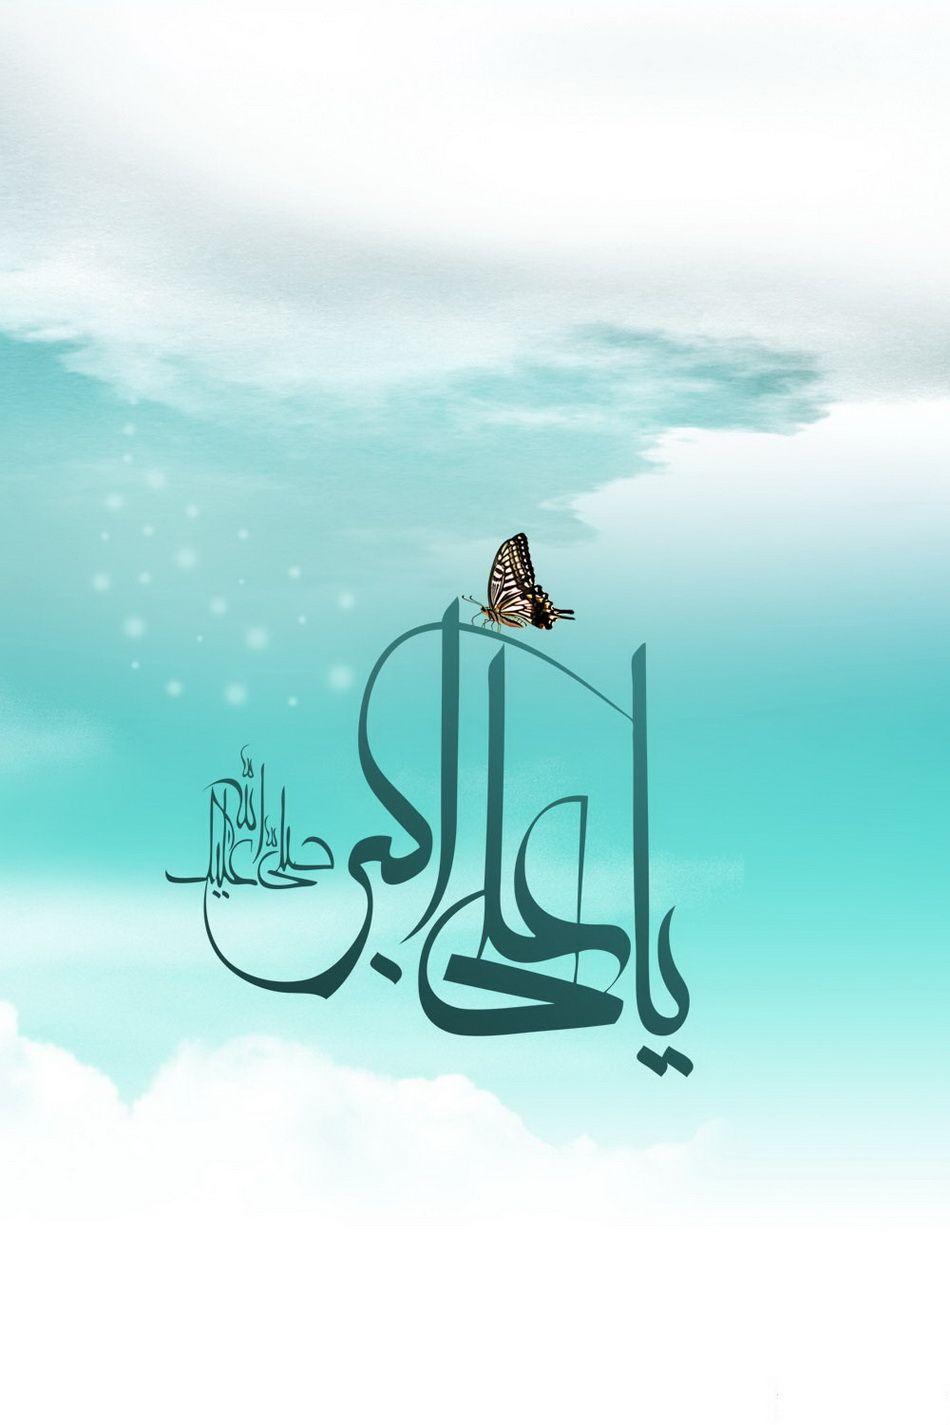 حضرت علی اکبر علي الأكبر بن حسين Ali Al Akbar Ibn Husayn Positive Notes Imam Hassan Muharram